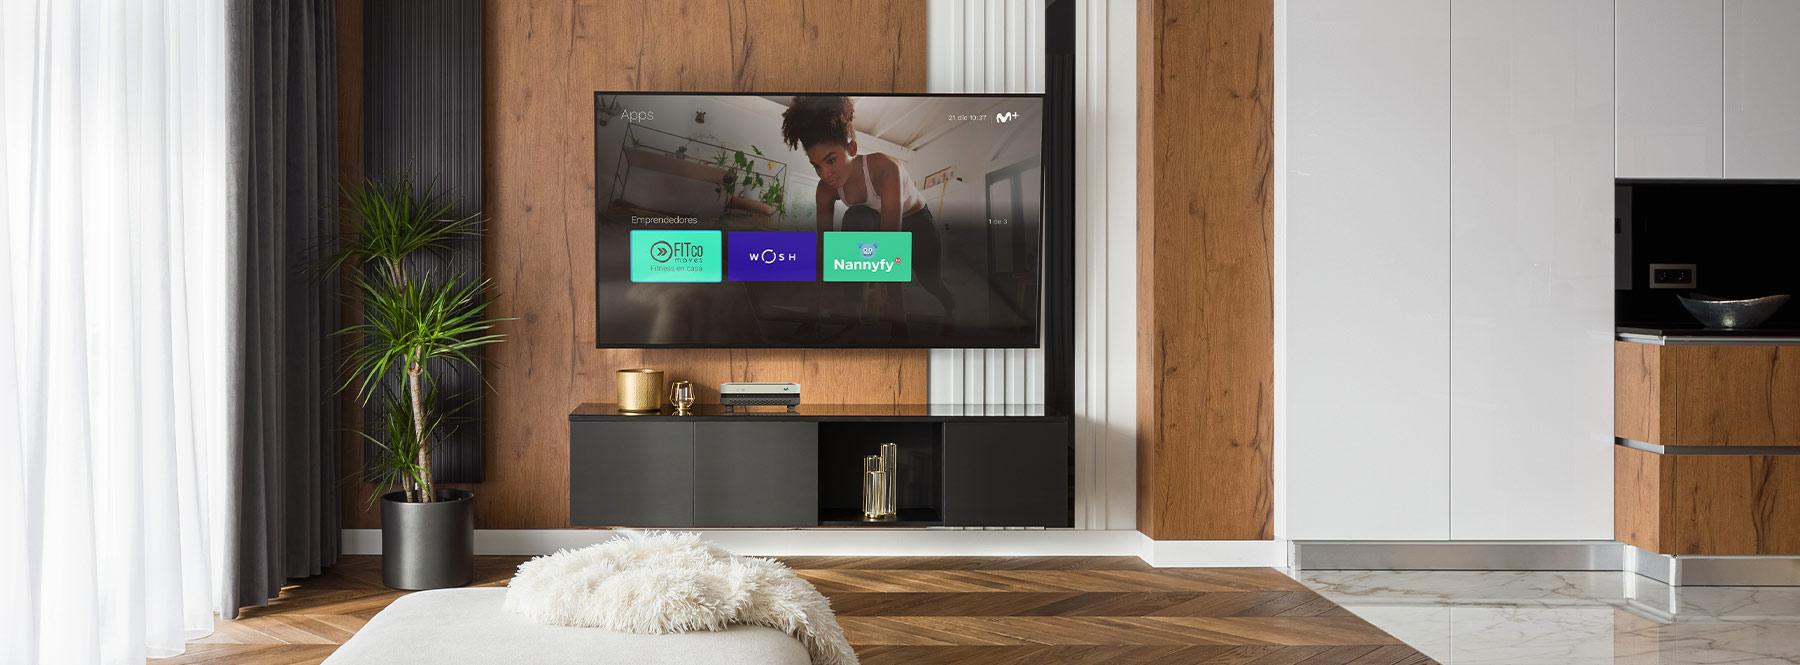 Living Apps de 'Emprendedores': haz la colada, entretén a los niños o ponte en forma desde la televisión